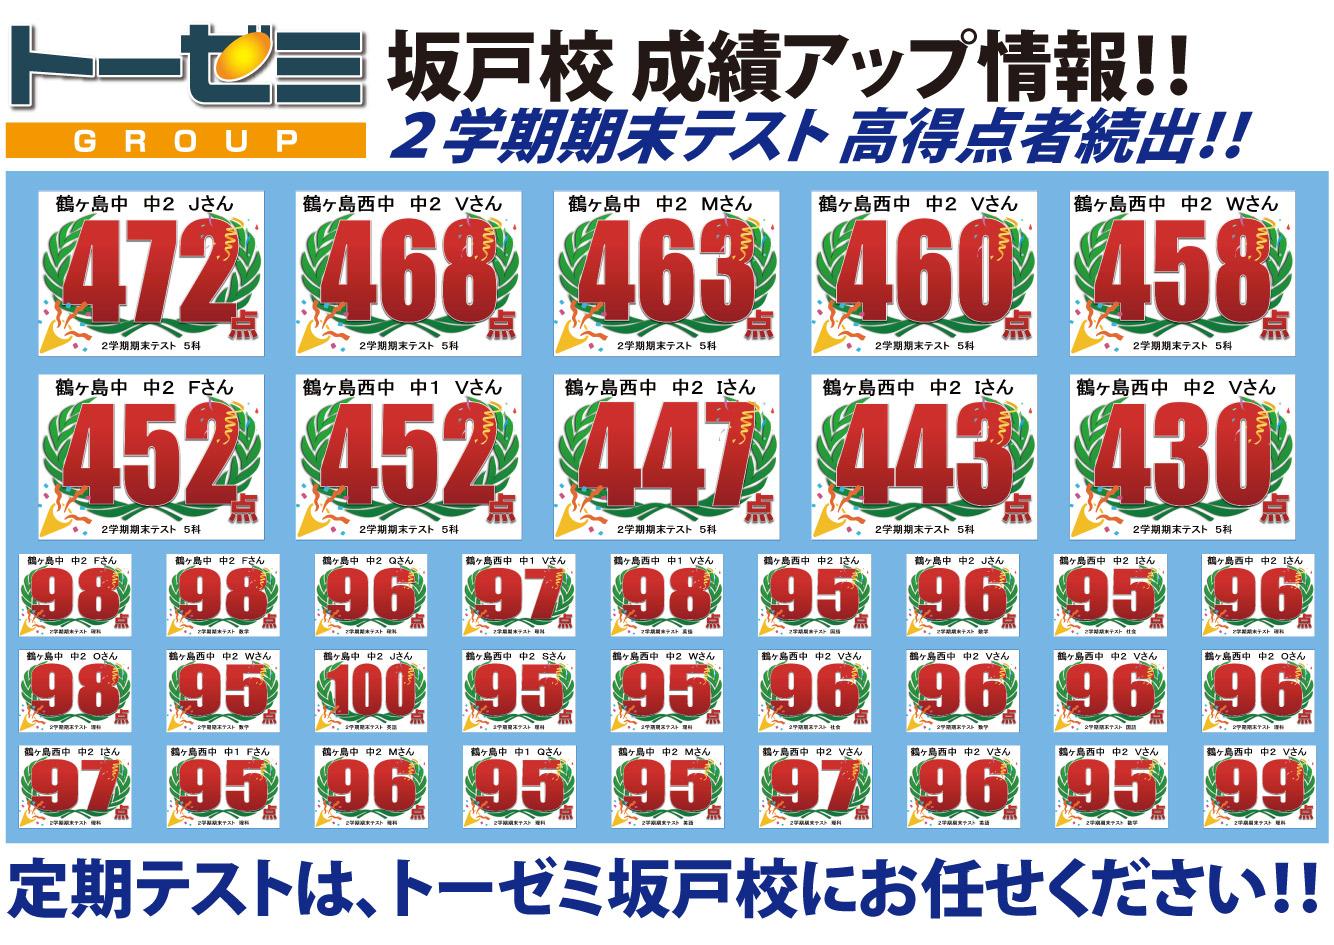 学習塾トーゼミ坂戸校 二学期期末テスト成績アップ情報!